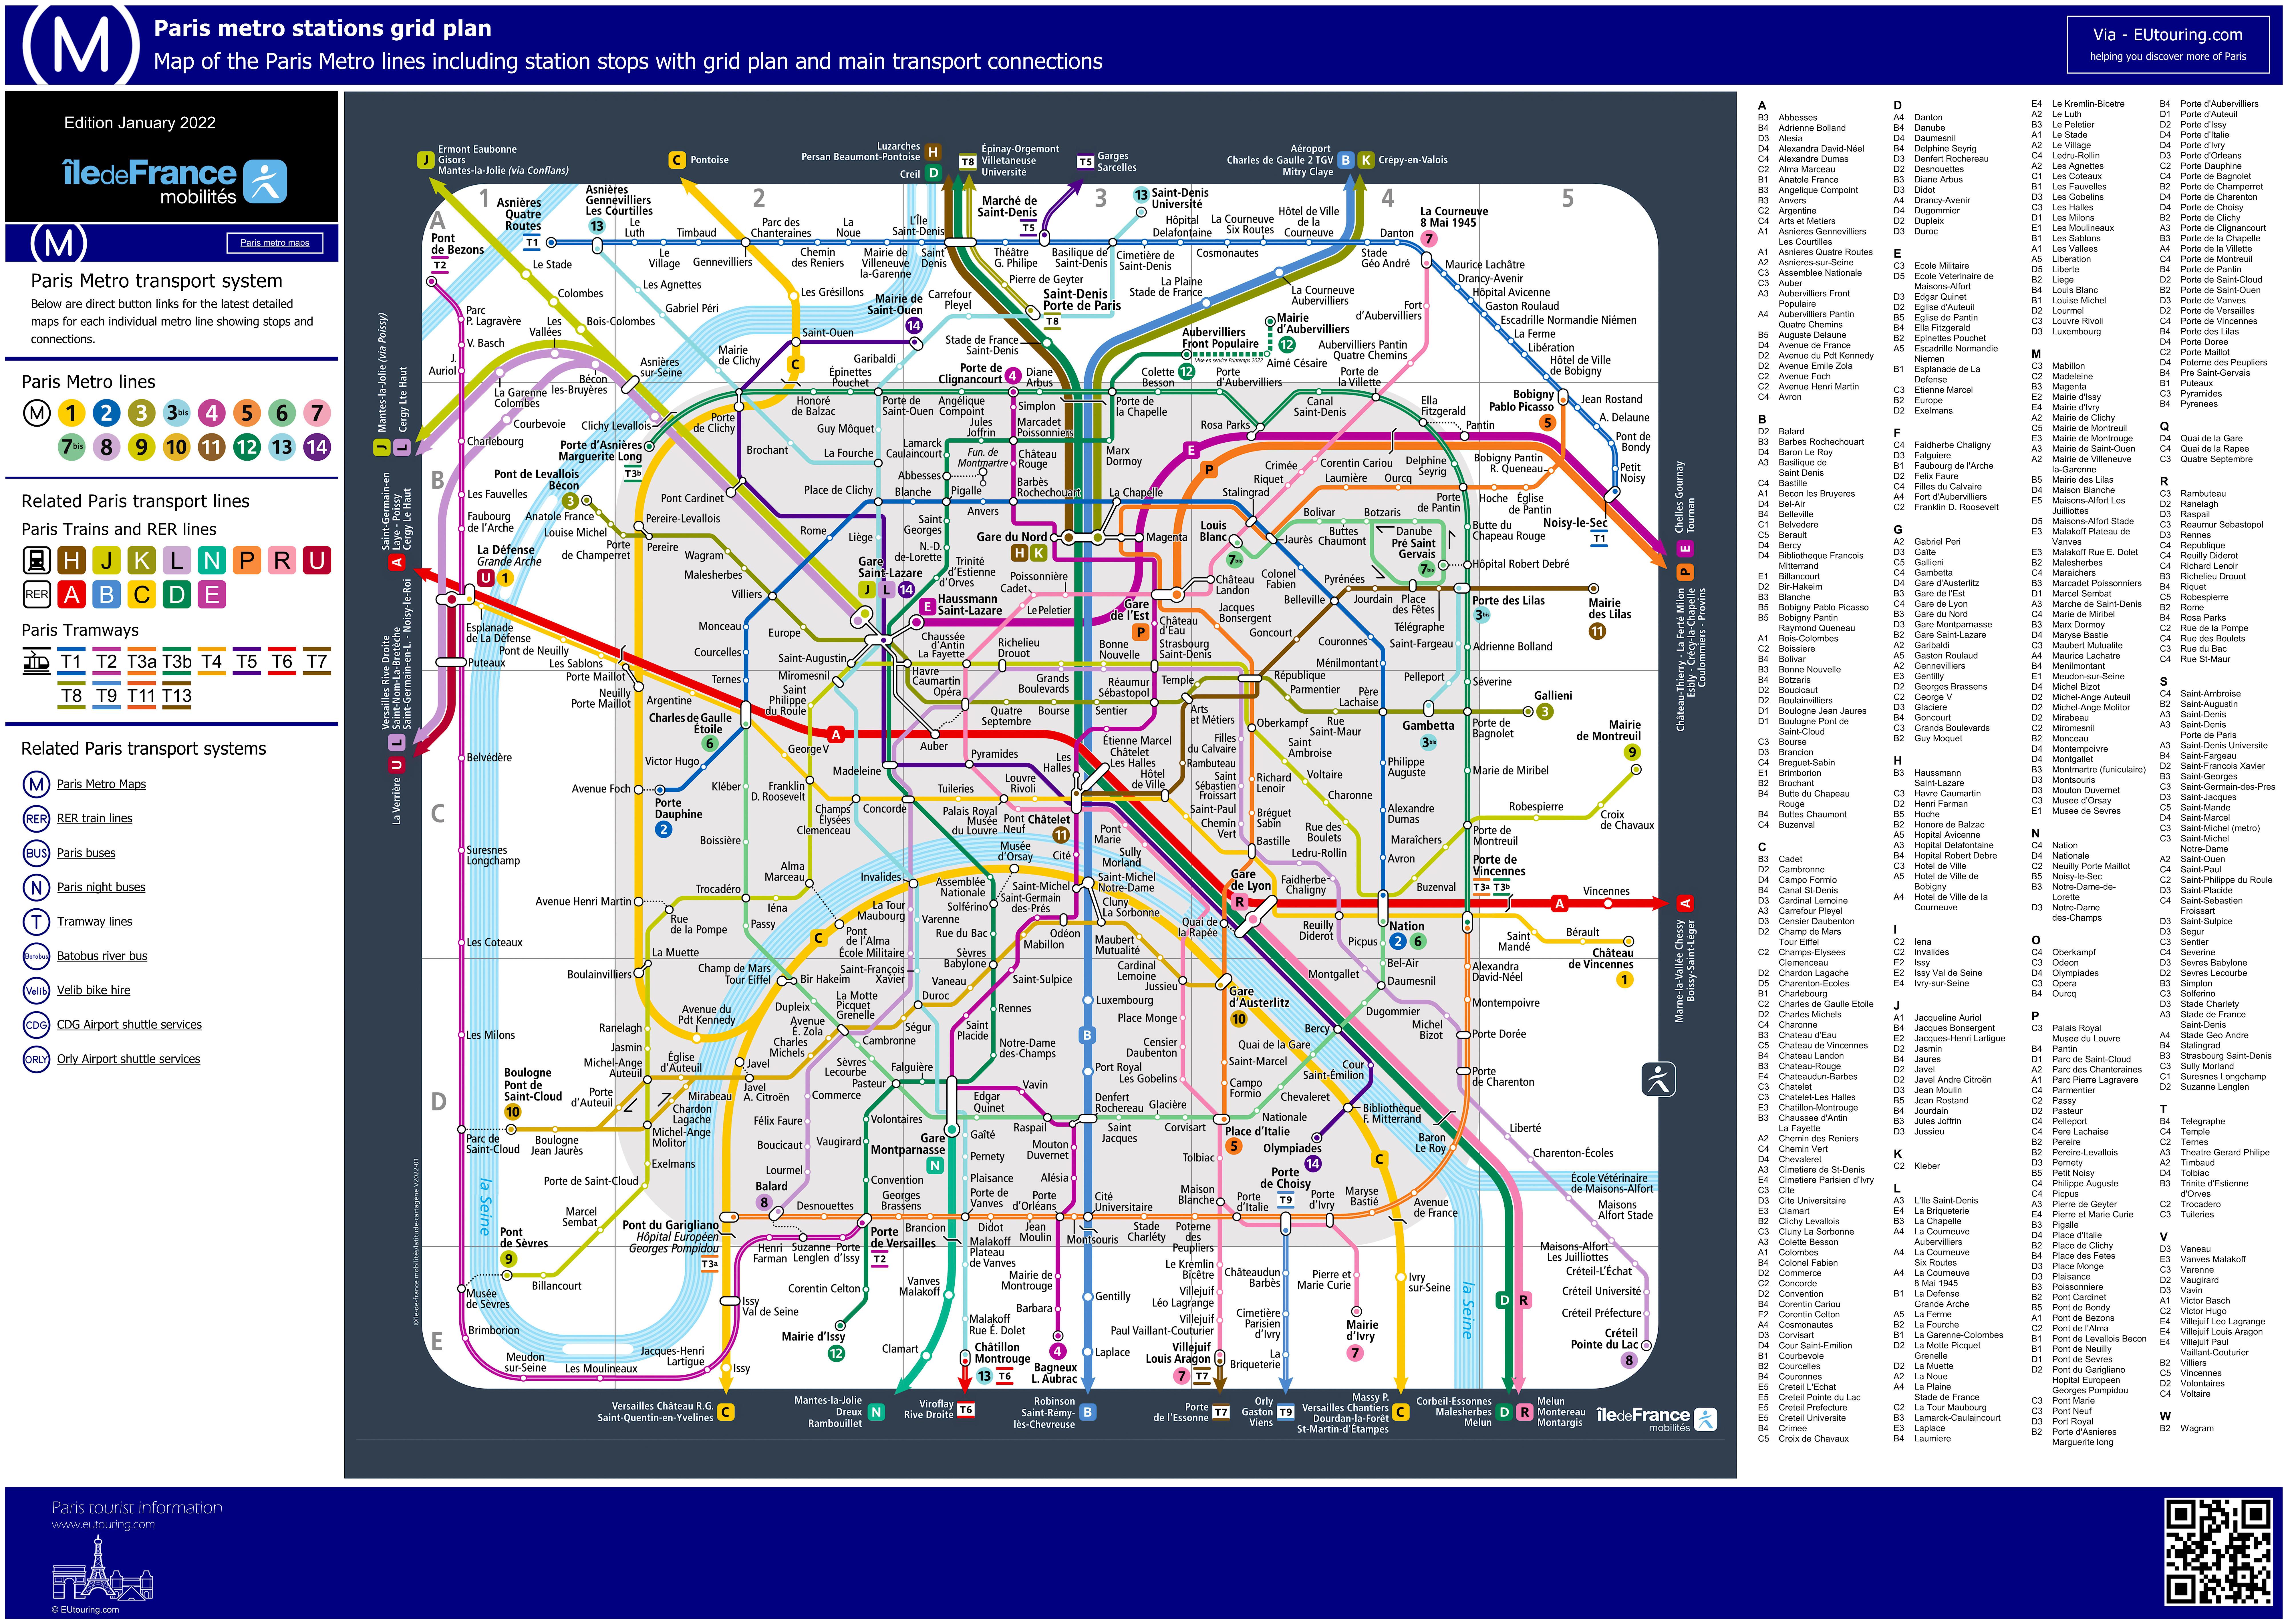 Paris Metro Maps plus 16 Metro Lines with stations on paris world map, paris road map, paris map art, paris satellite map, paris underground map, paris bus map, paris tx map, paris map directions, paris metro, paris subway map, paris map print, paris streets, paris tourist map, paris map google, paris michigan map, paris map book, eiffel tower pdf, paris ar map, paris france map, paris tour map,